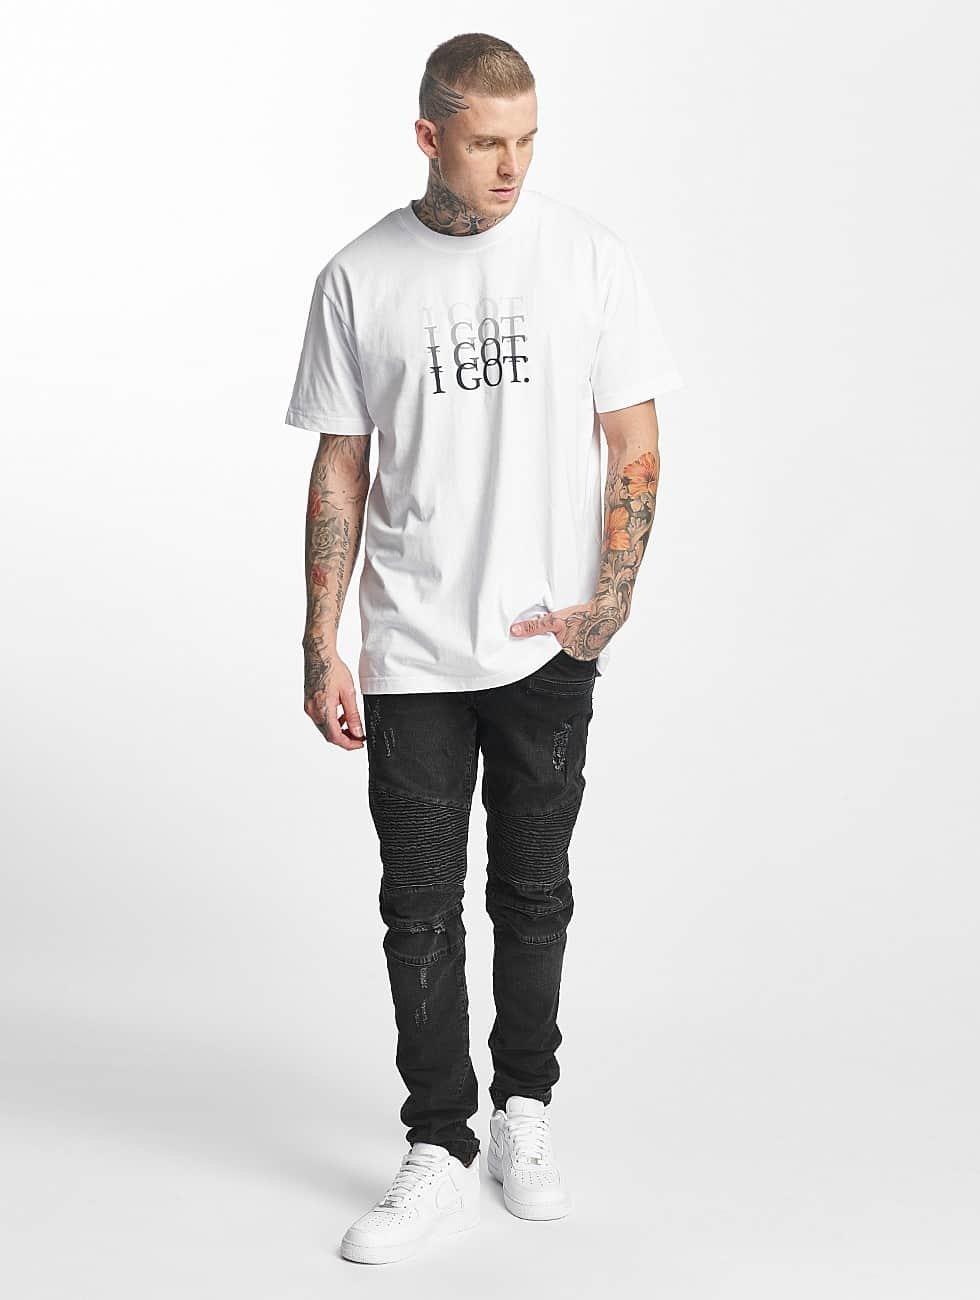 Mister Tee T-Shirt I Got white